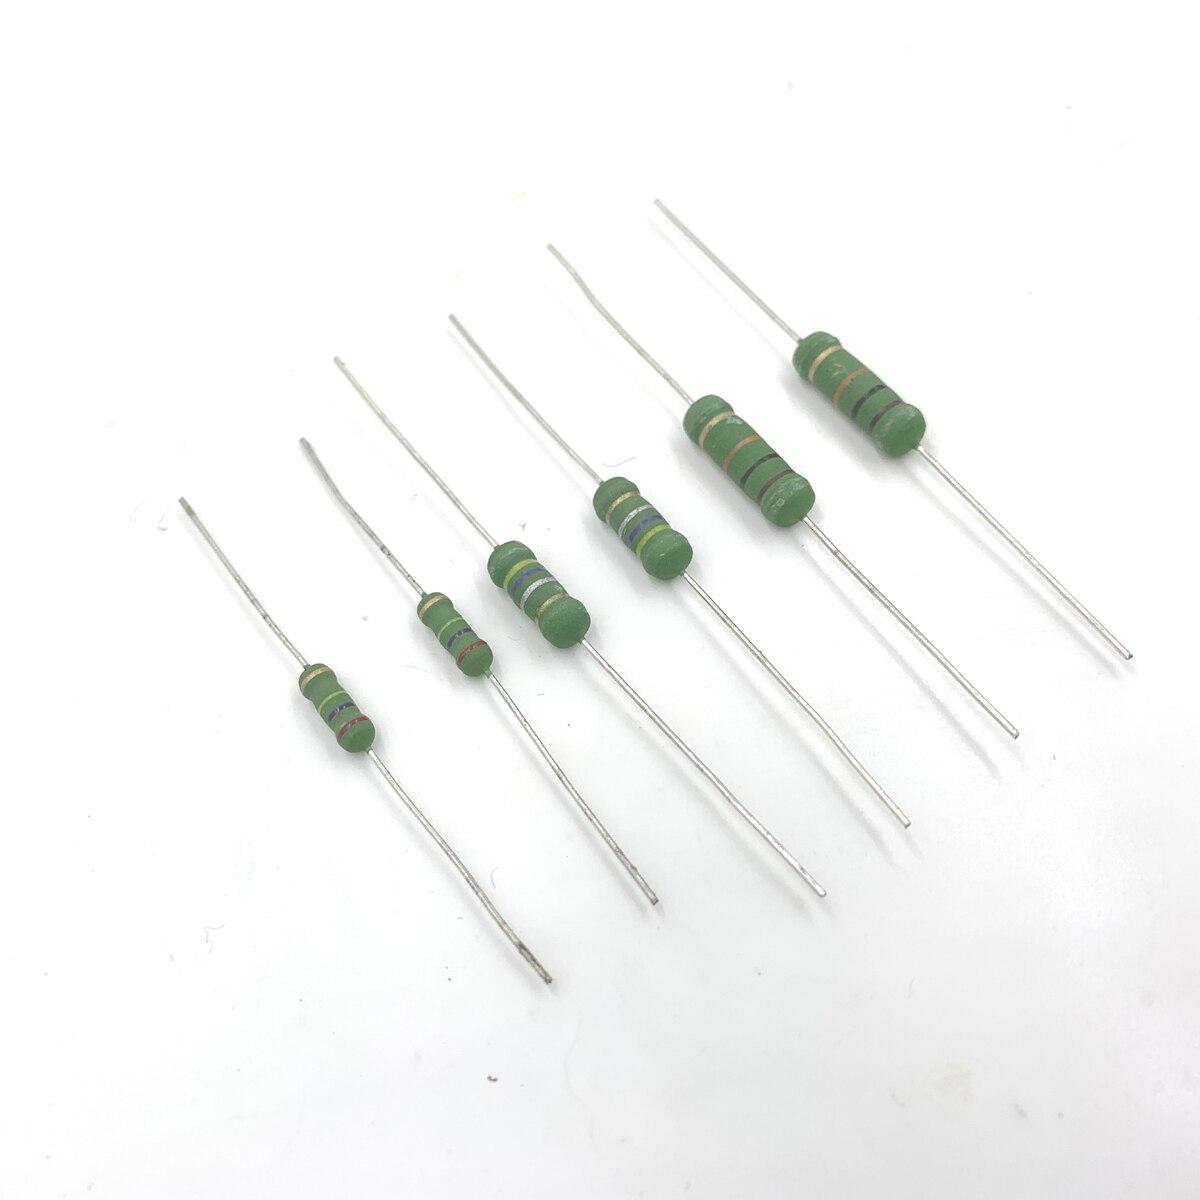 100 pces 0.39r 0.43r 0.39ohm 0.43ohm 0.39 0.43 r ohm 1w 1ws 3x9mm resistência pequena do anel da cor do resistor do filme do óxido de metal